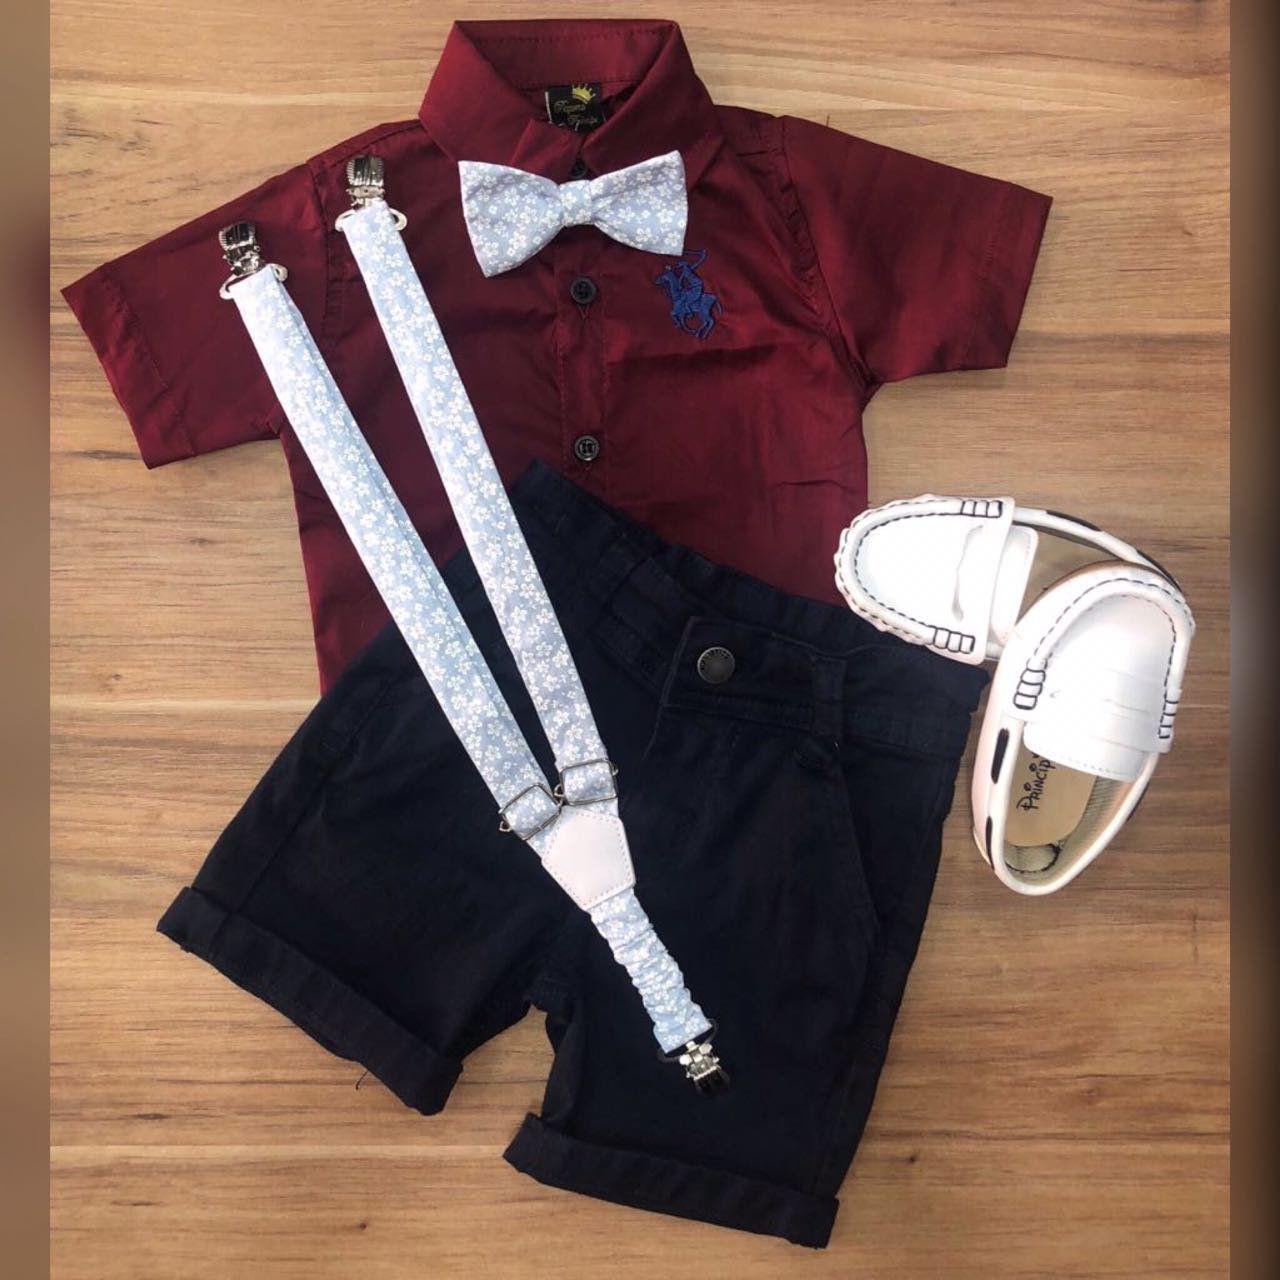 Bermuda Preta com Suspensório e Camisa Vinho com Gravata